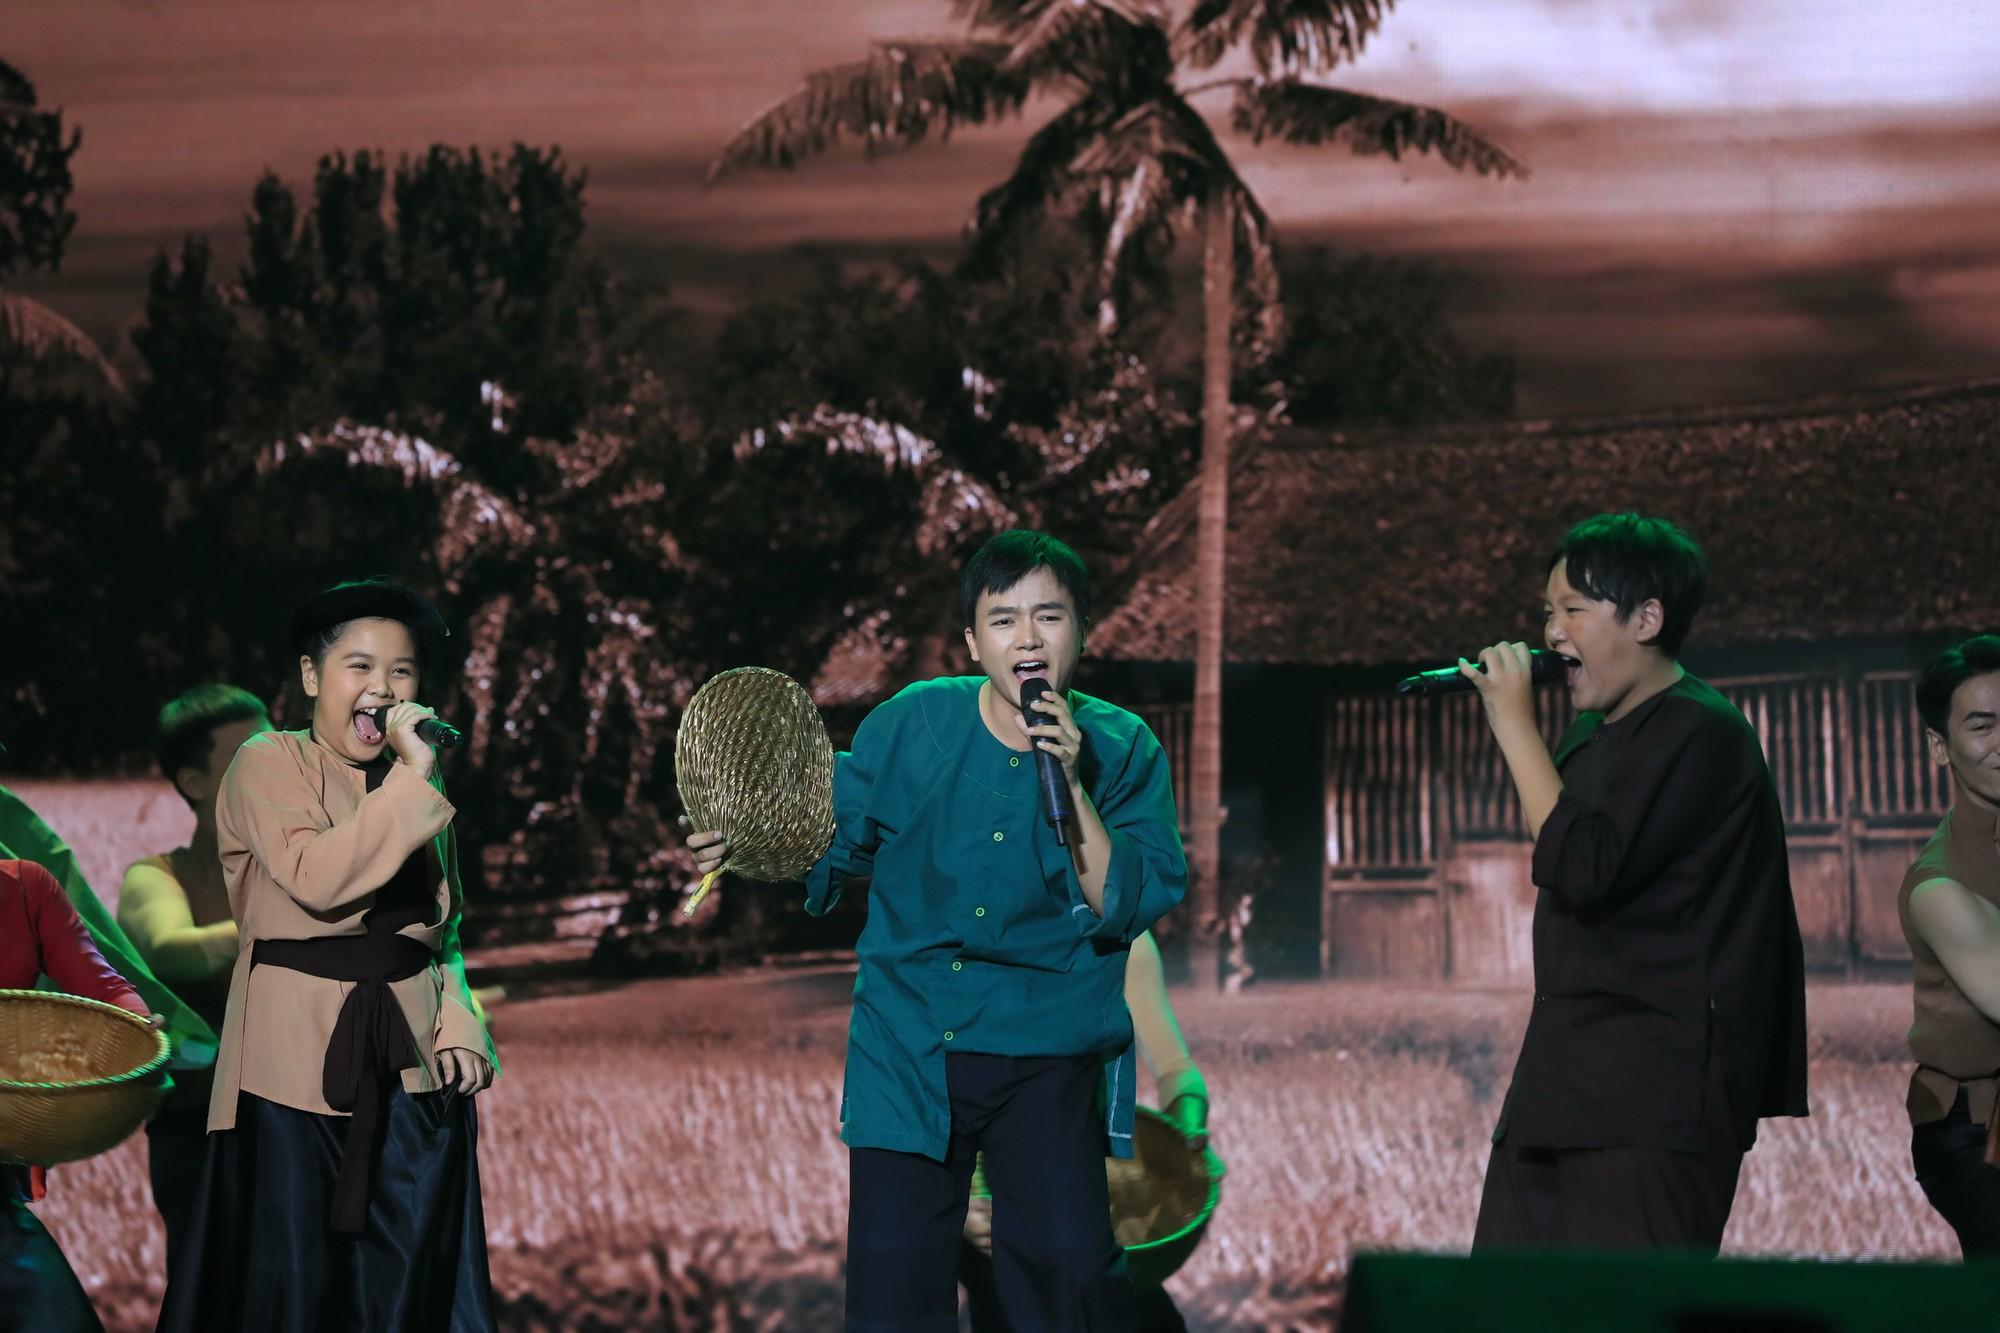 Tuyệt đỉnh song ca nhí 2019 kết thúc với chiến thắng của đội Hồ Việt Trung - Diệu Nhi - Ảnh 14.